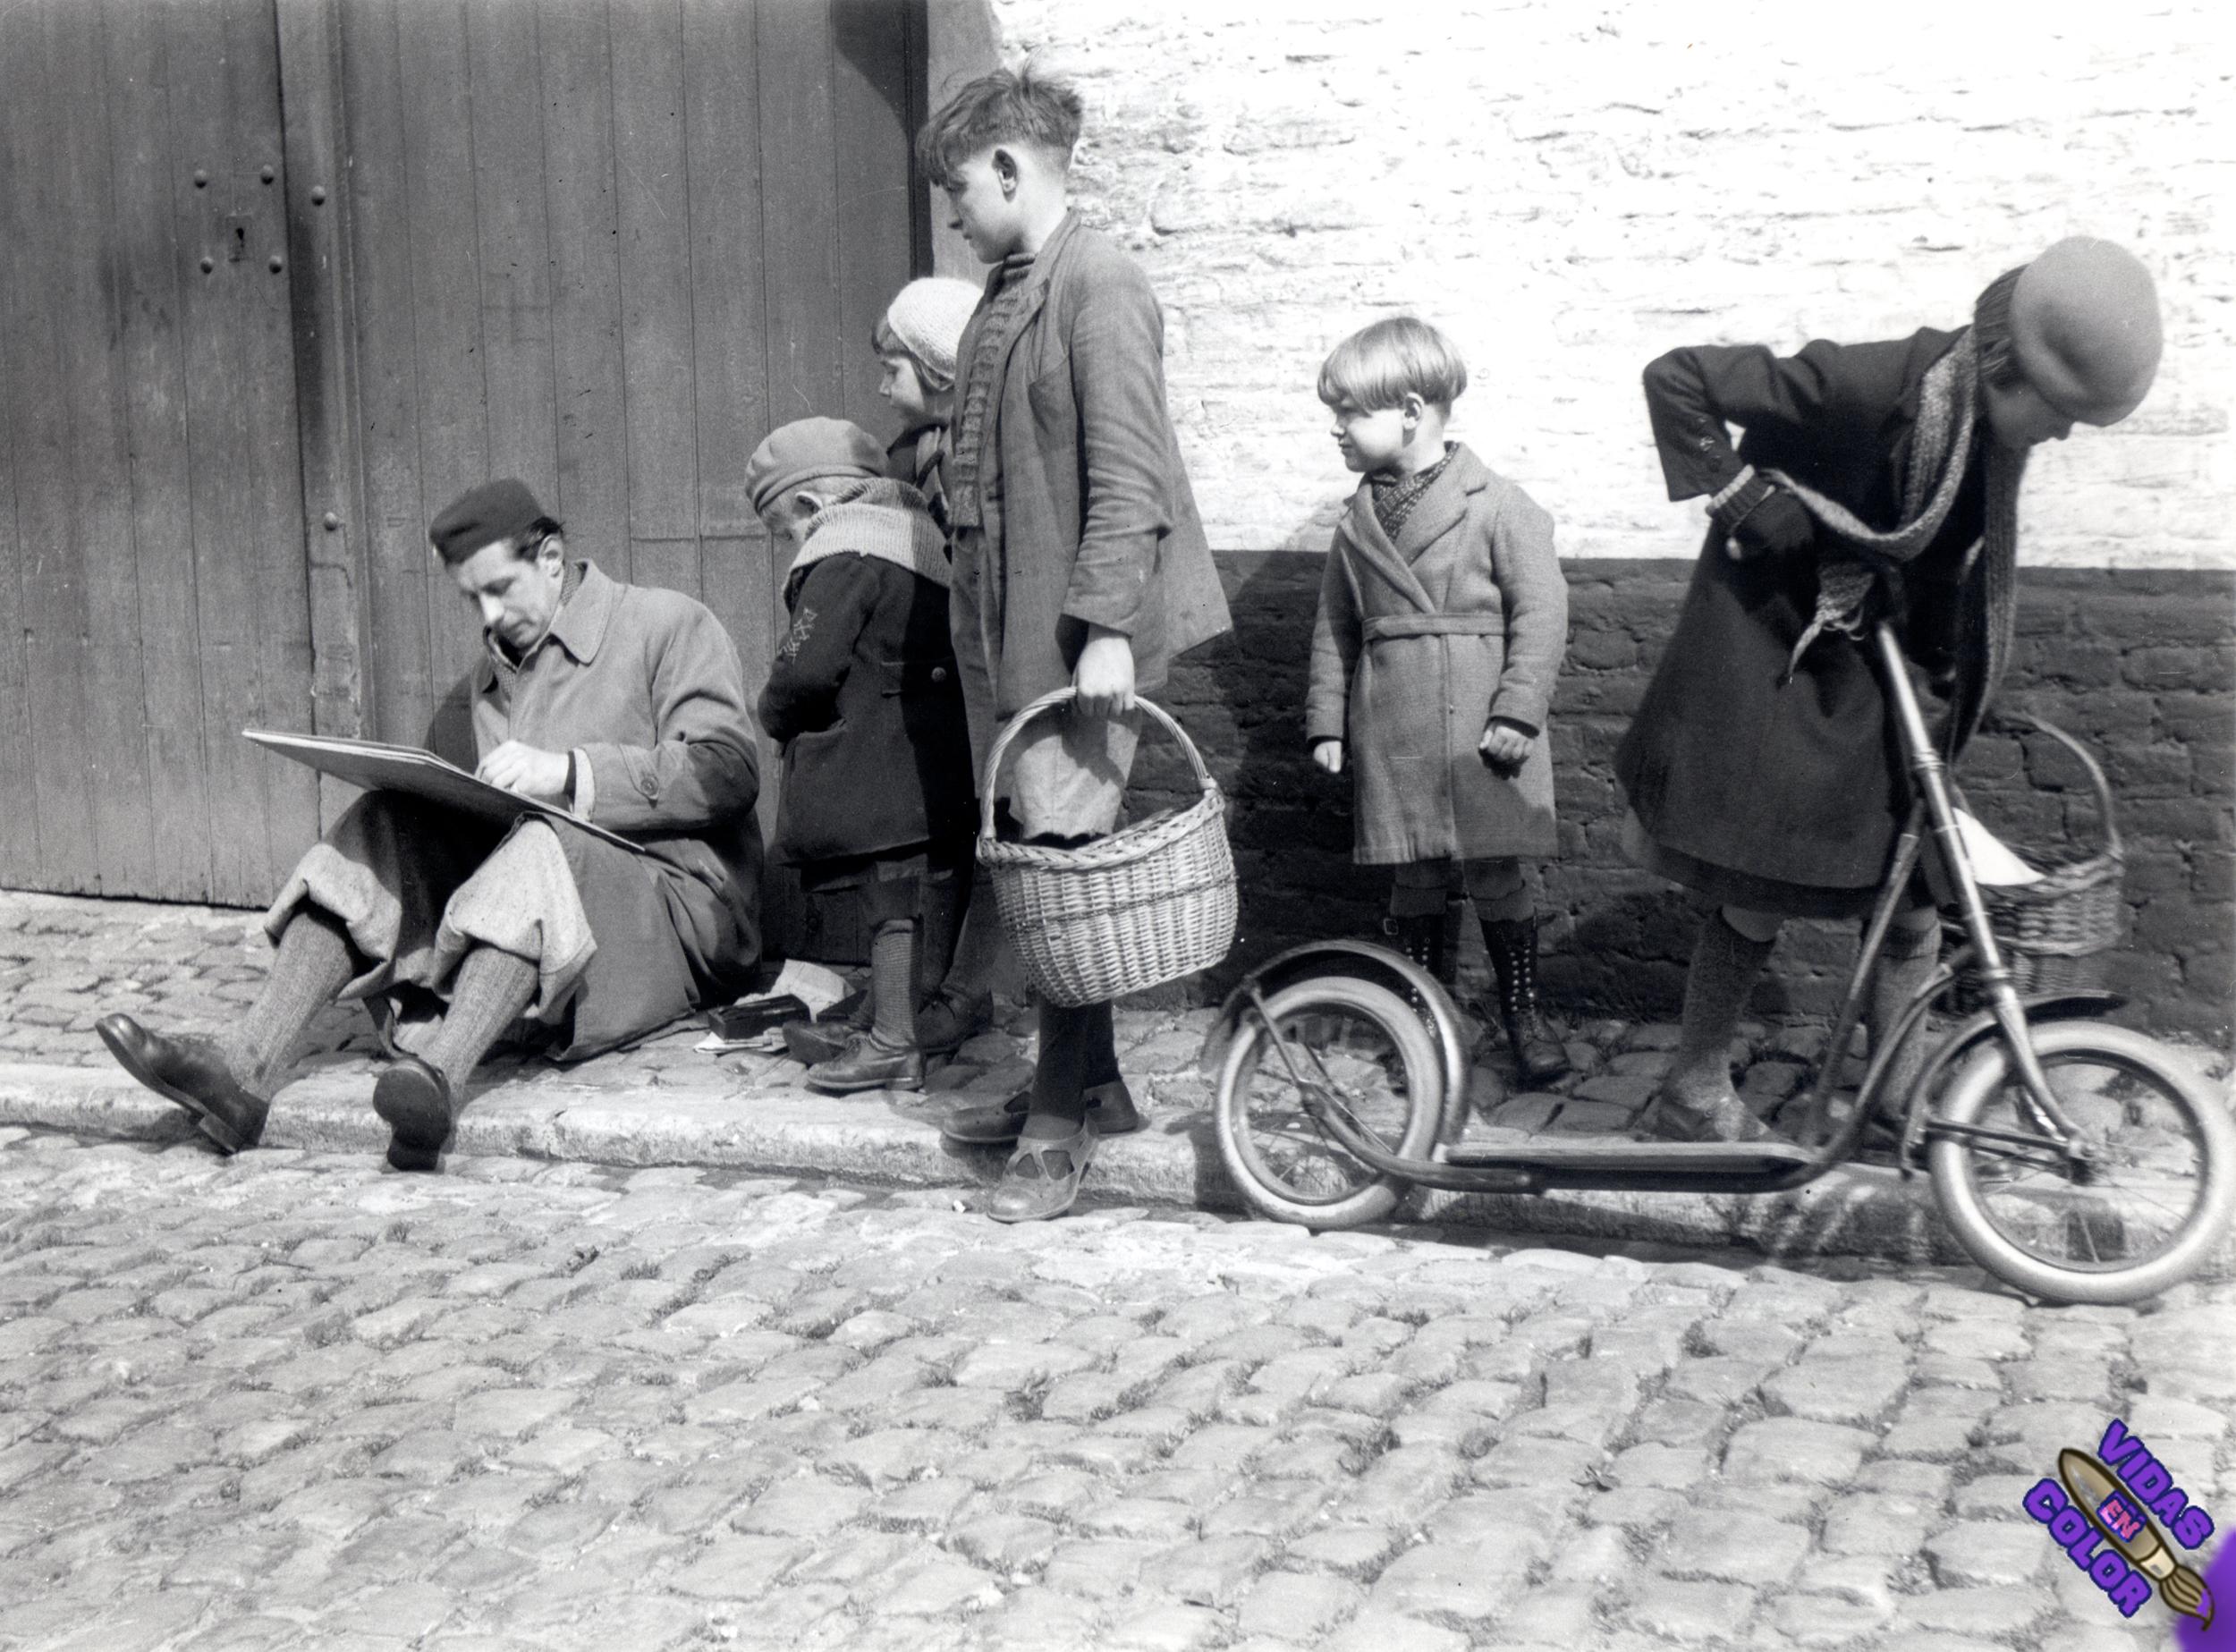 1936_avril_7_Lismonde_dessinant_eglise_de_Diest_photo_Leon_van_Dievoet_byn